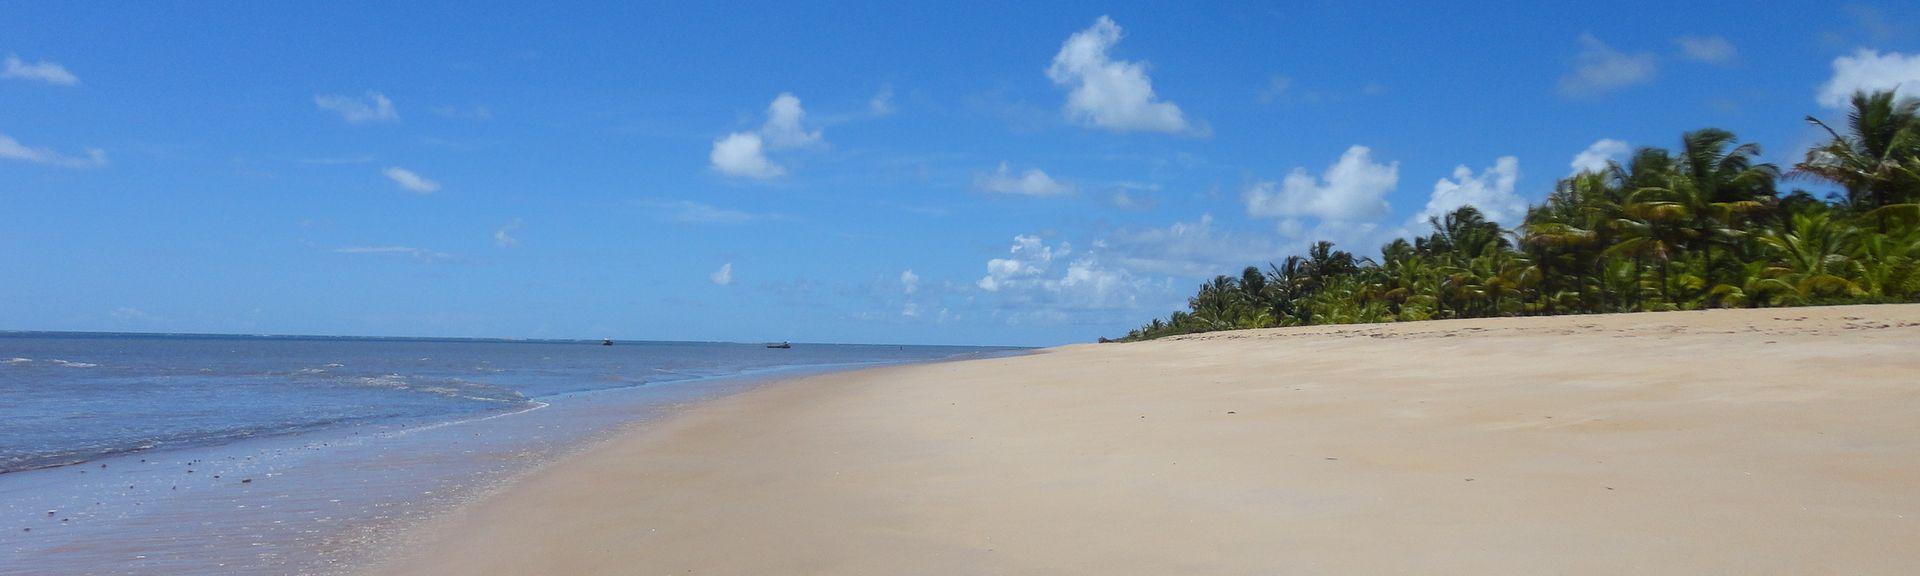 Santo André, Santa Cruz Cabrália, Bahia, Brazil